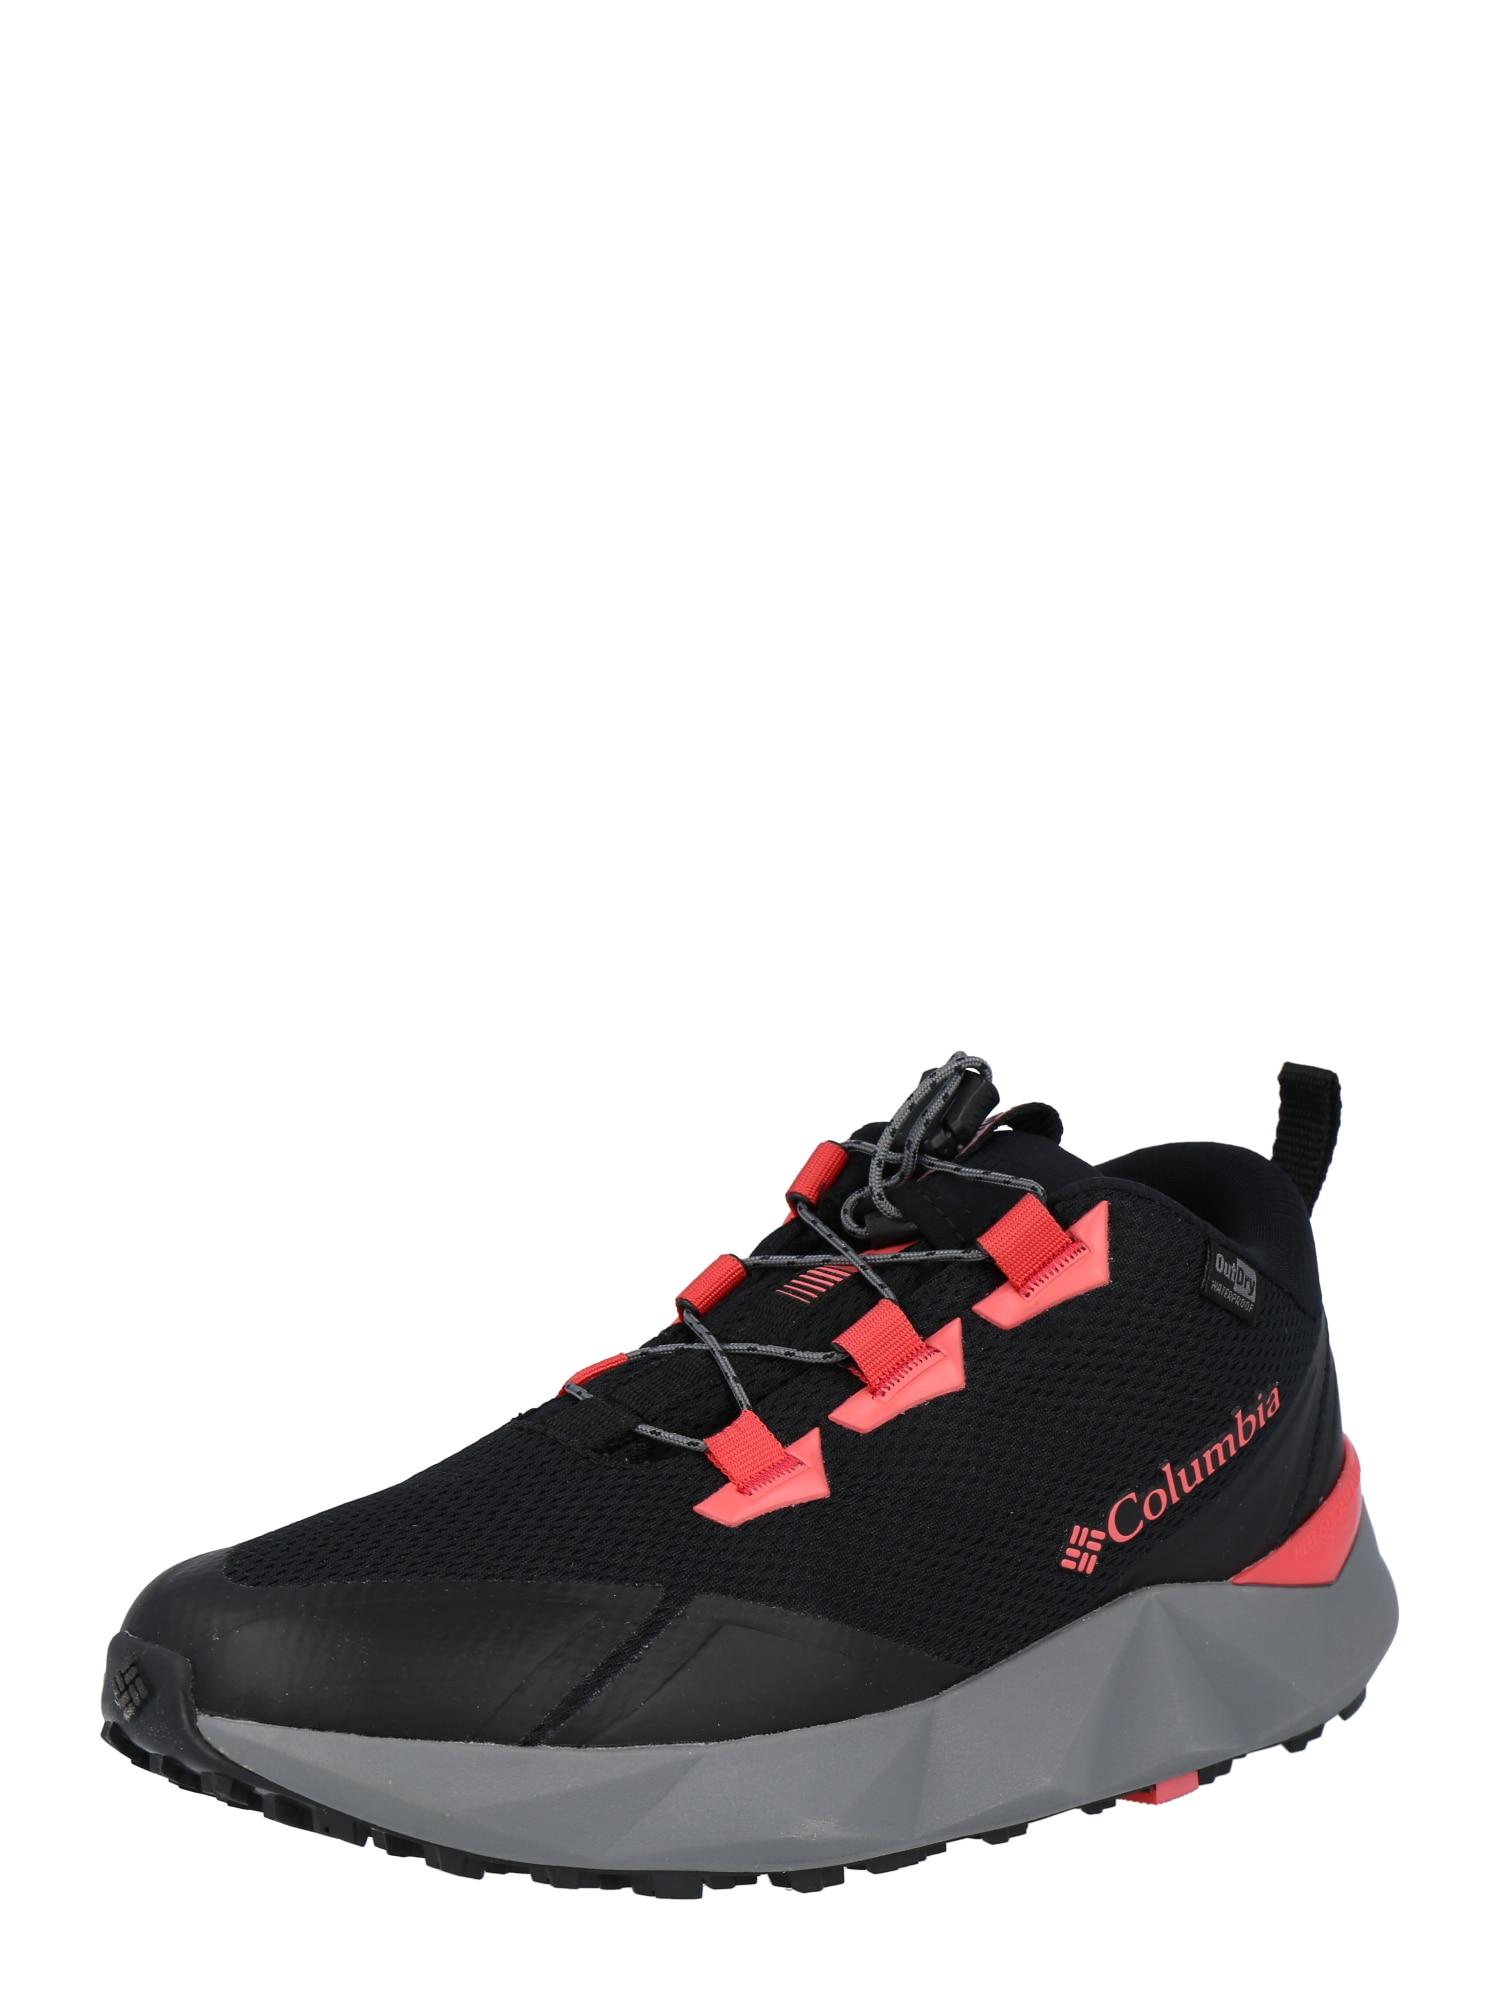 COLUMBIA Sportiniai batai 'FACET 30 OUTDRY' juoda / koralų splava